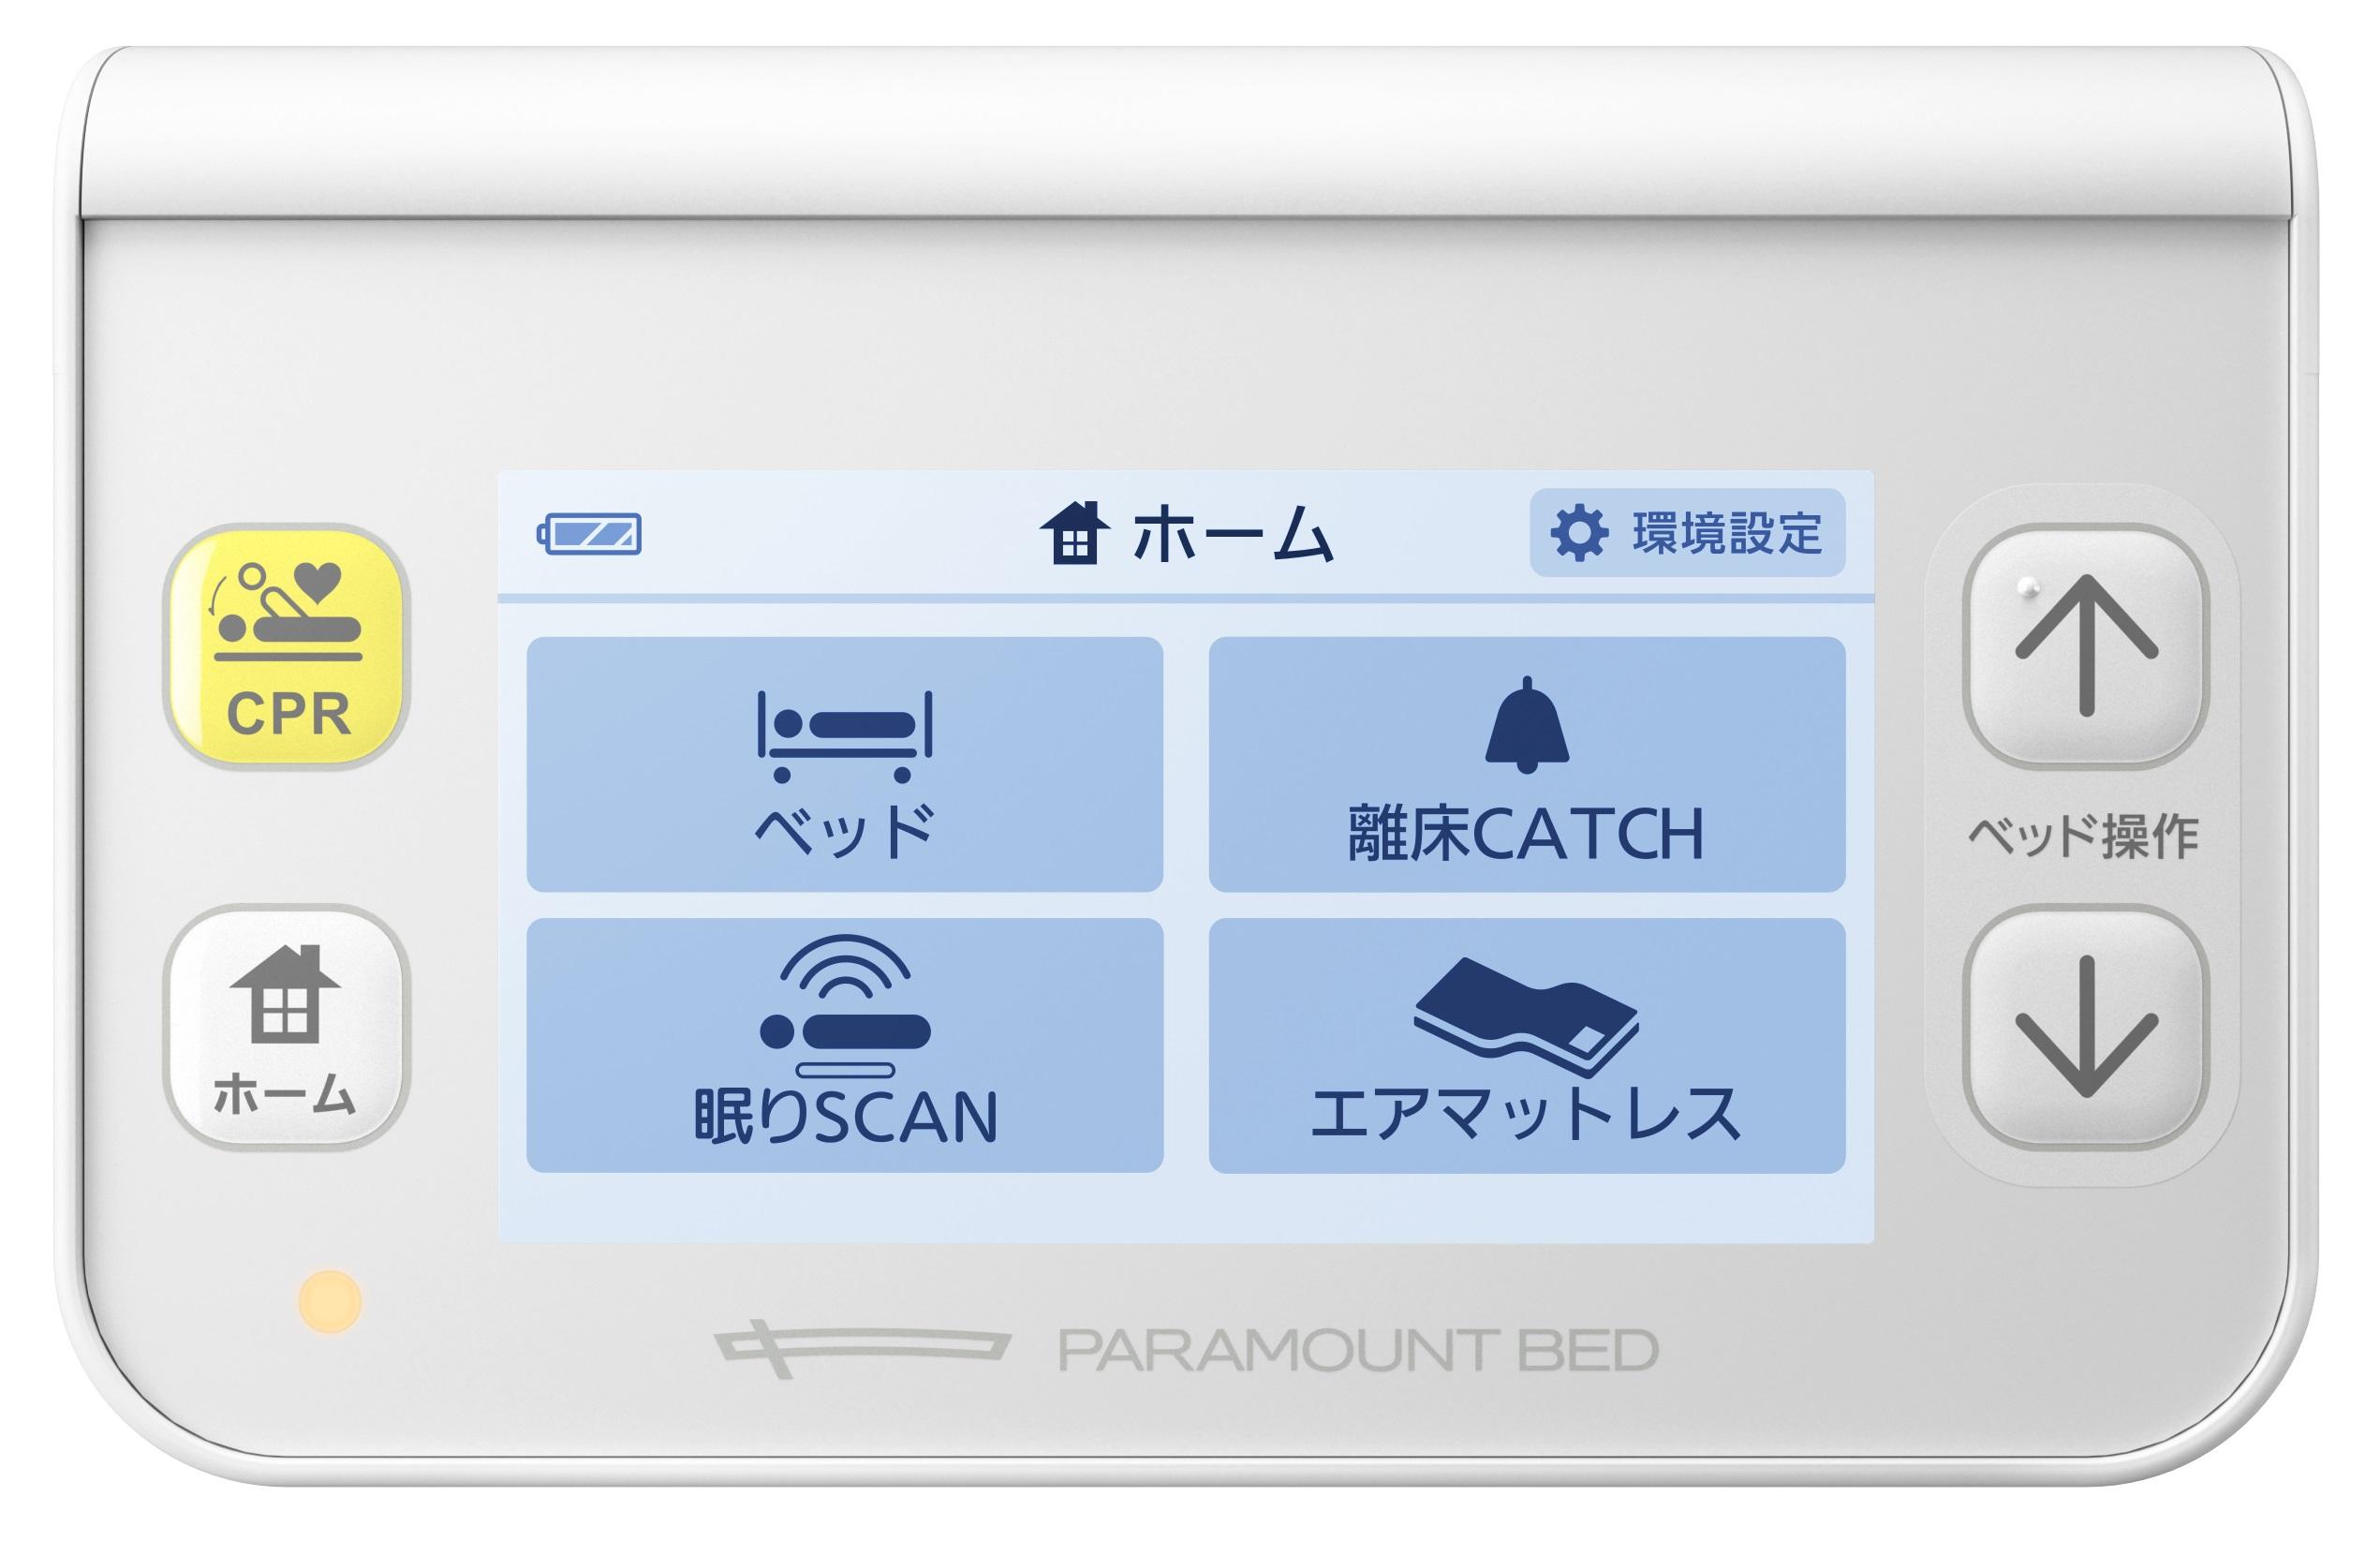 ベッドに搭載されるすべての機能を一元管理できる操作パネル「ベッドナビ」